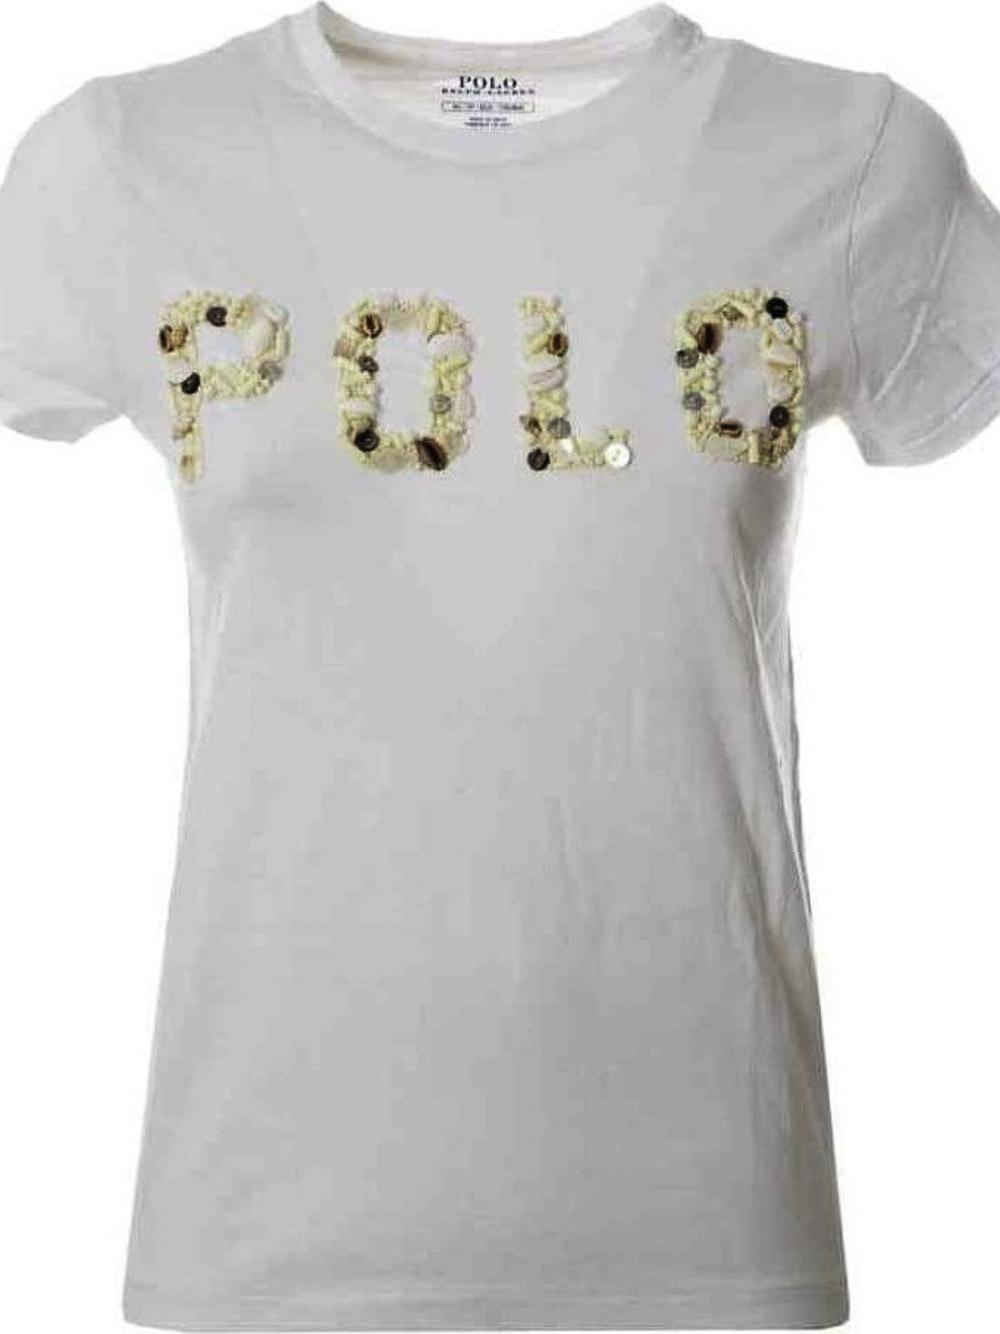 POLO RALPH LAUREN Μπλούζα T-Shirt 211827661001 ΛΕΥΚΟ